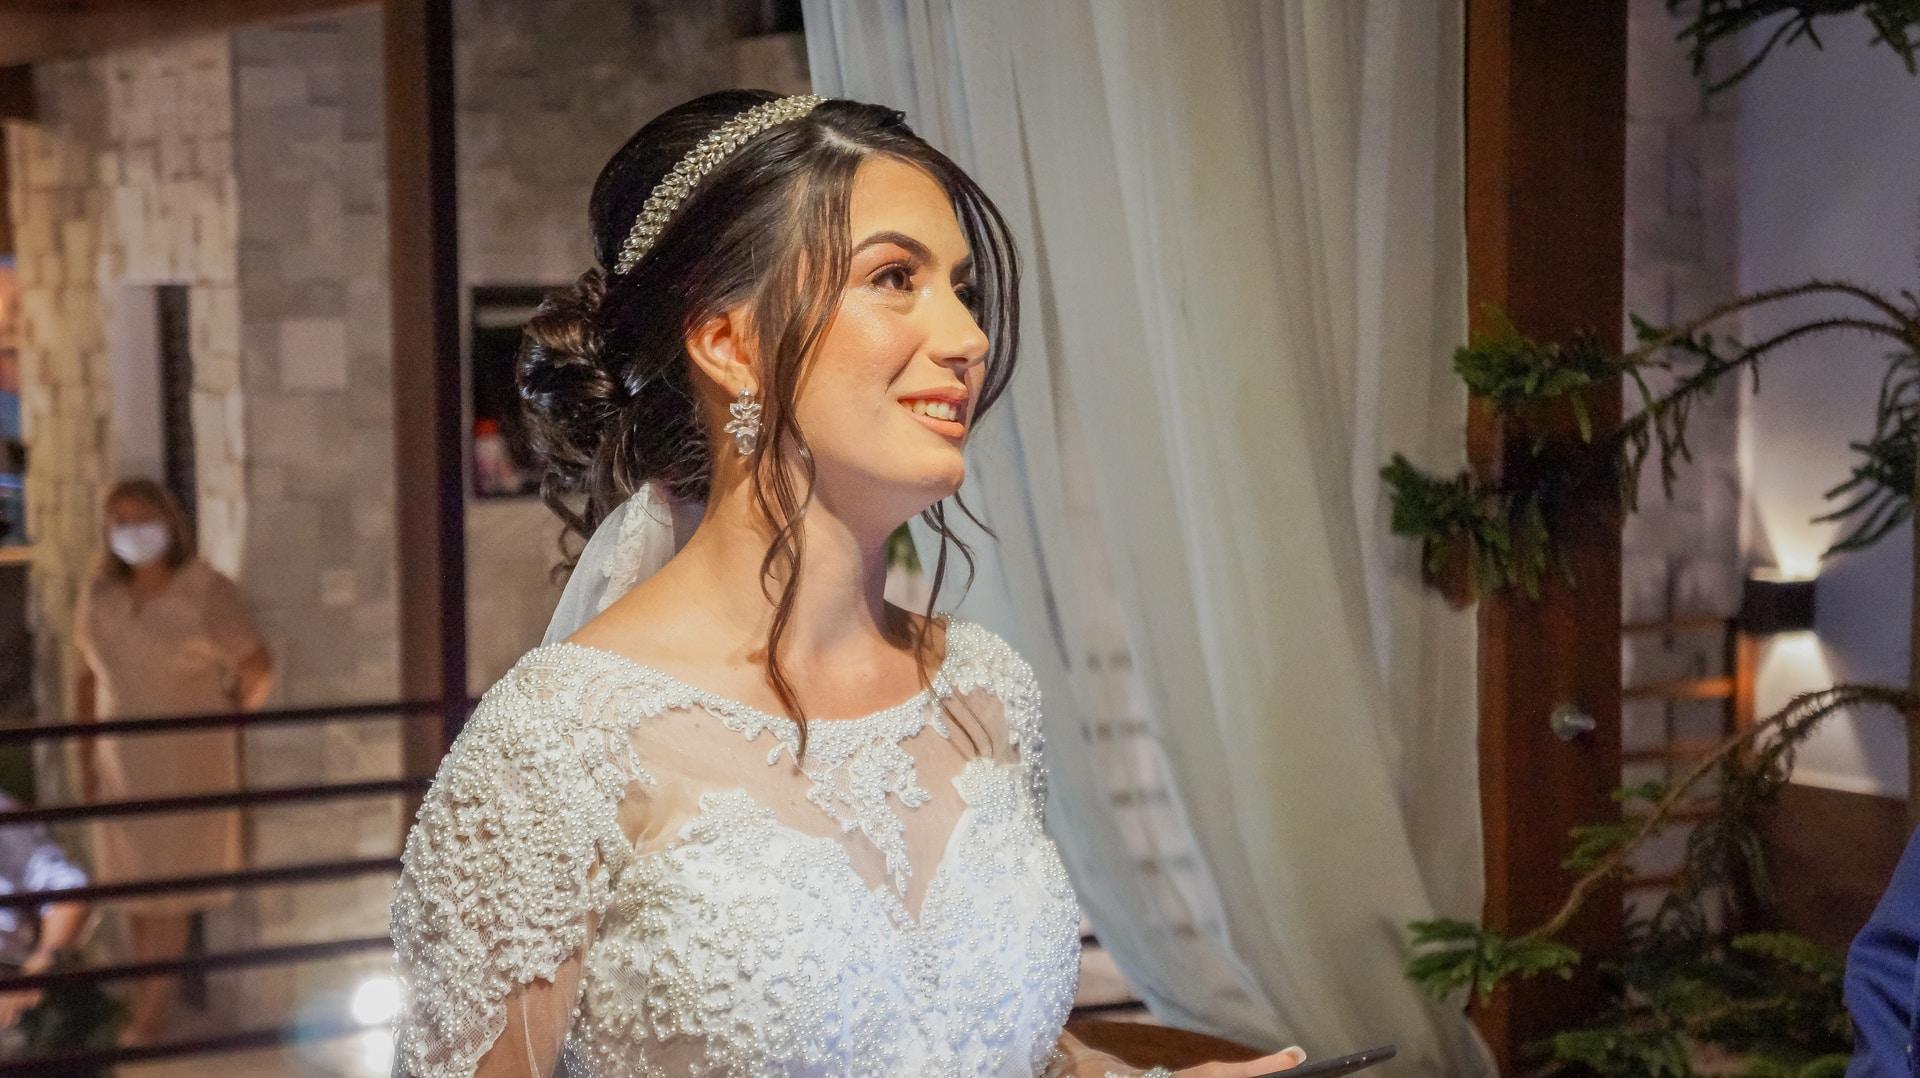 Νύφη πριν απο το γάμο-Έσο έτοιμη